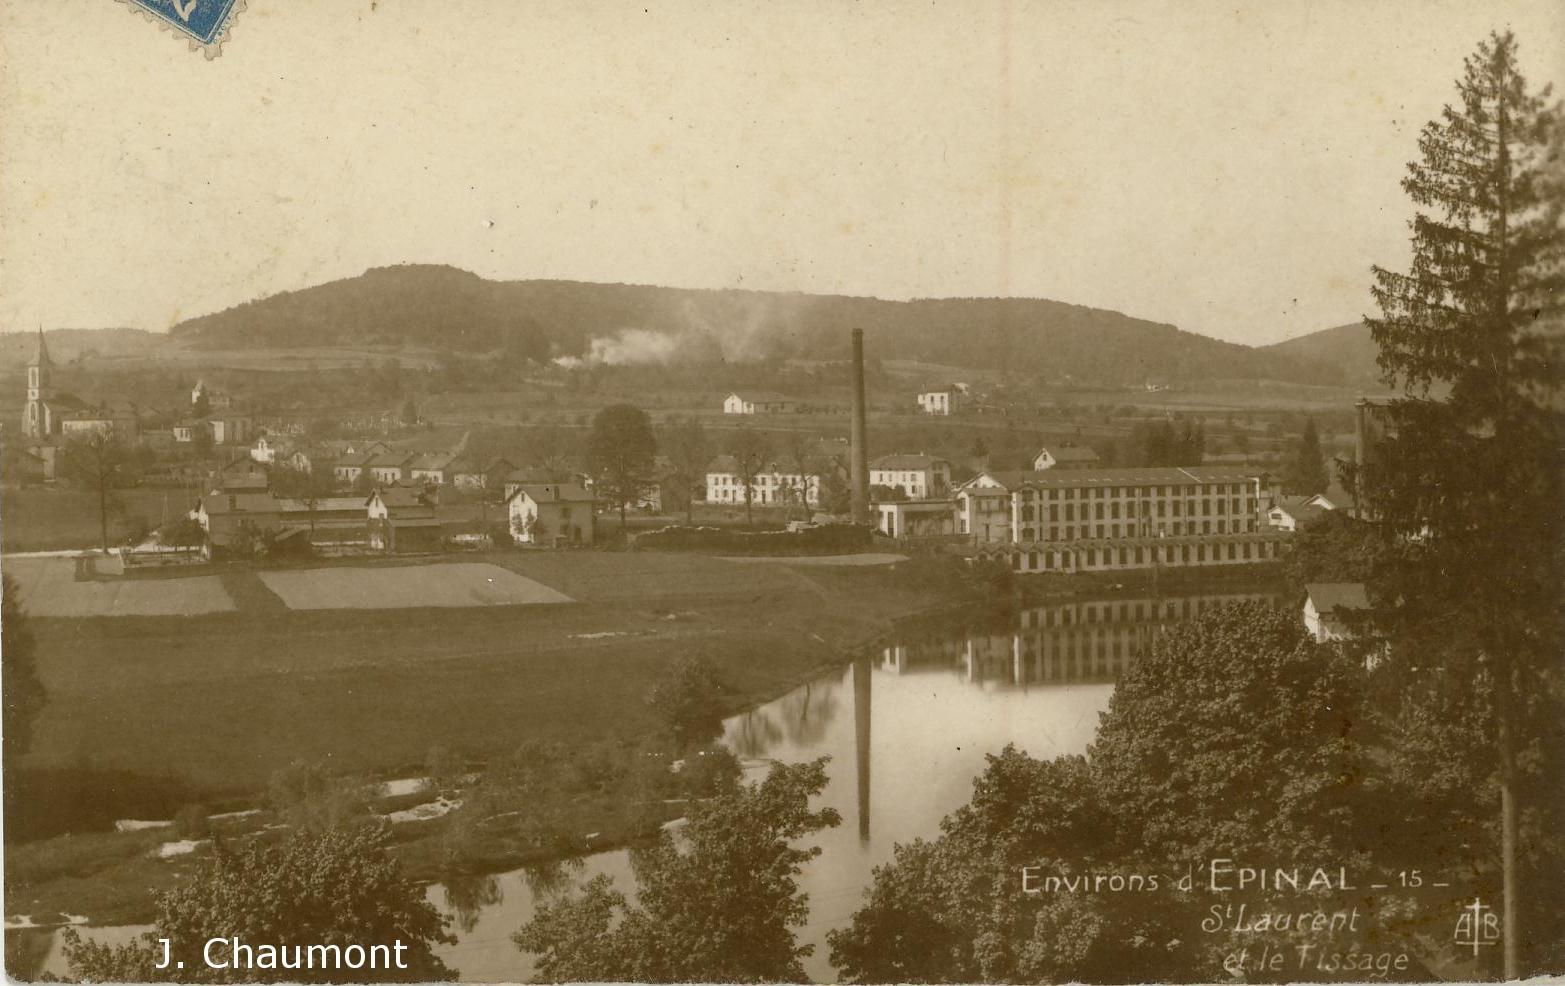 Saint-Laurent et le Tissage dans les années 1930